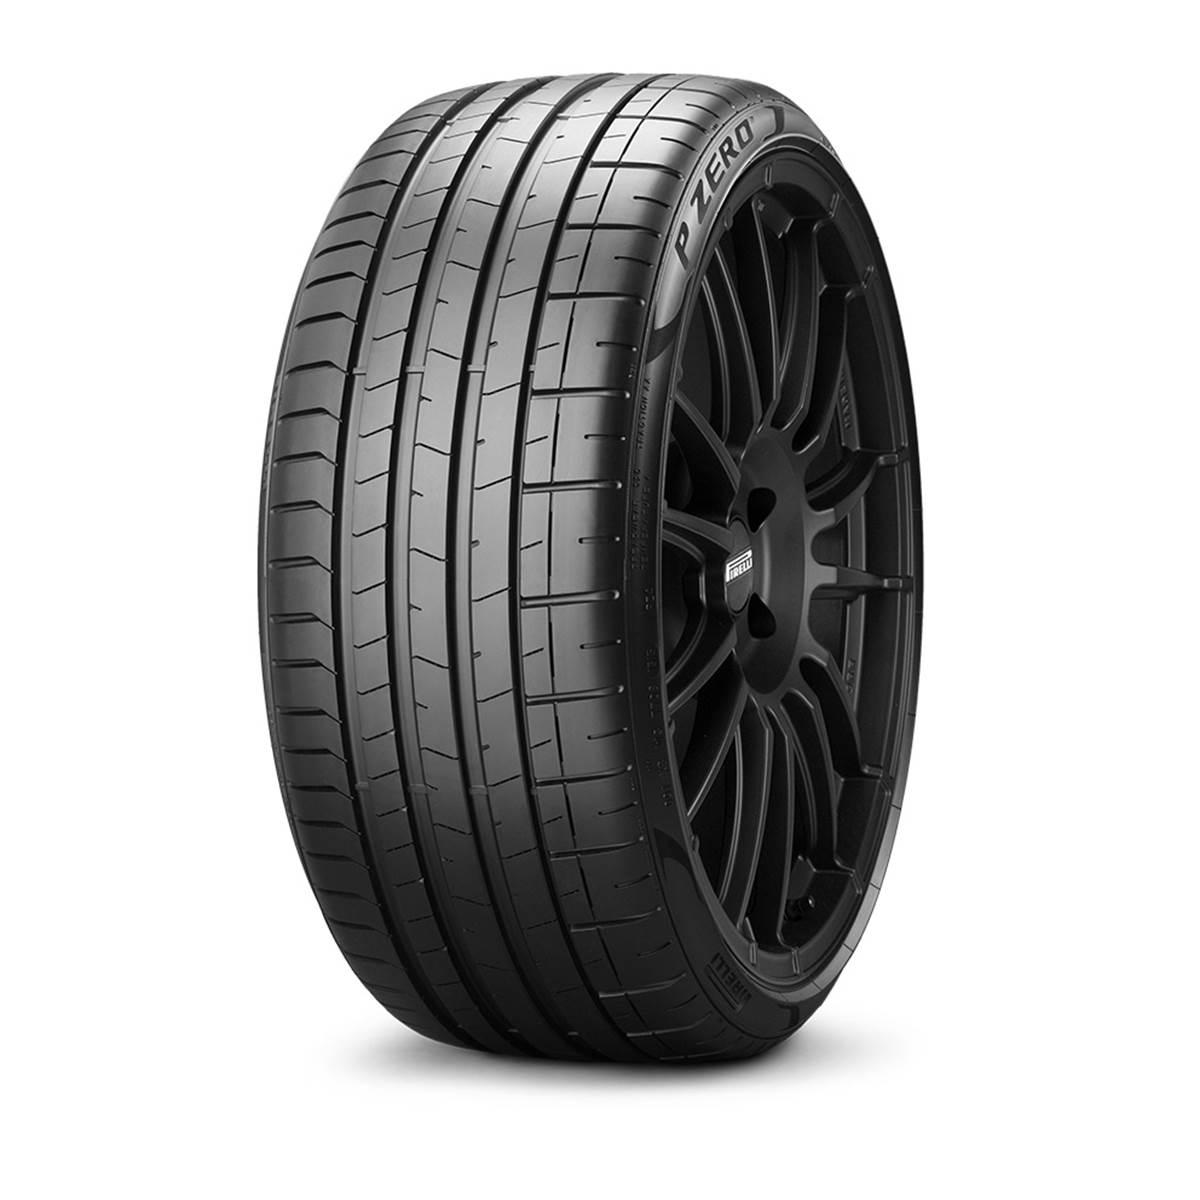 Pneu Runflat Pirelli 285/35R18 97Y Pzero